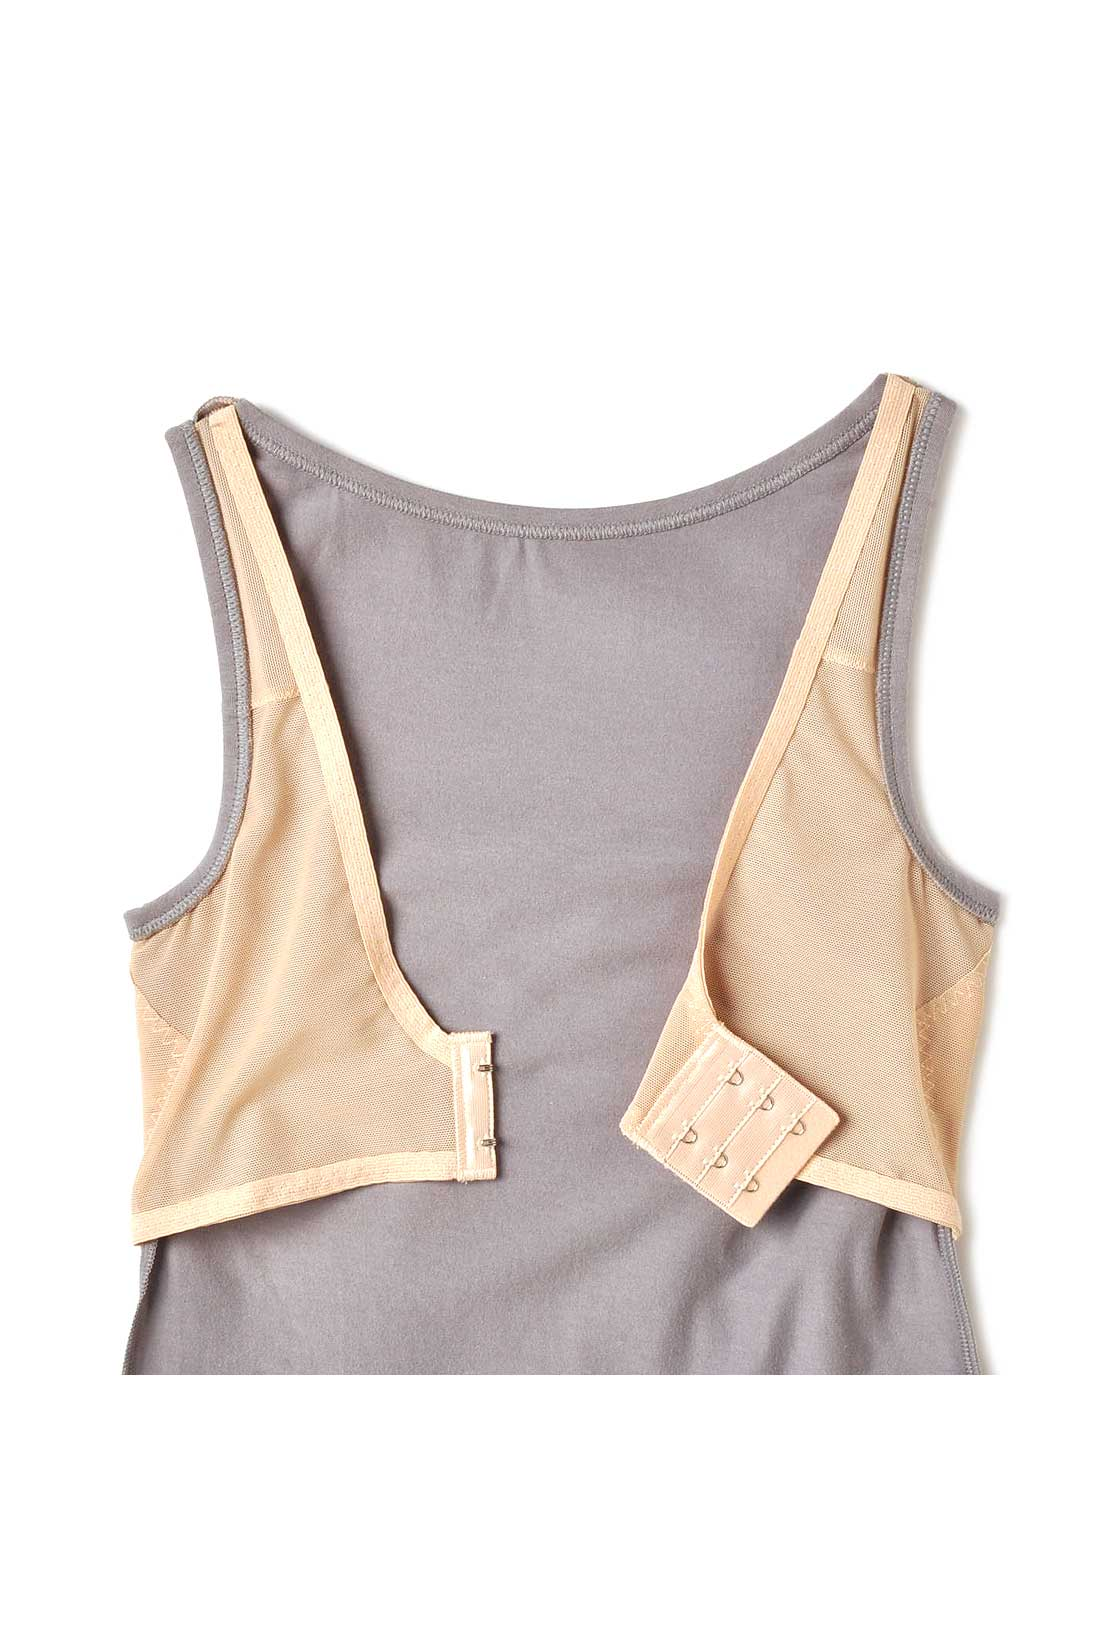 BACK(肌側) 着てからホックを留める仕様。ピタッとボディーに寄り添いながら安定感のある着け心地。